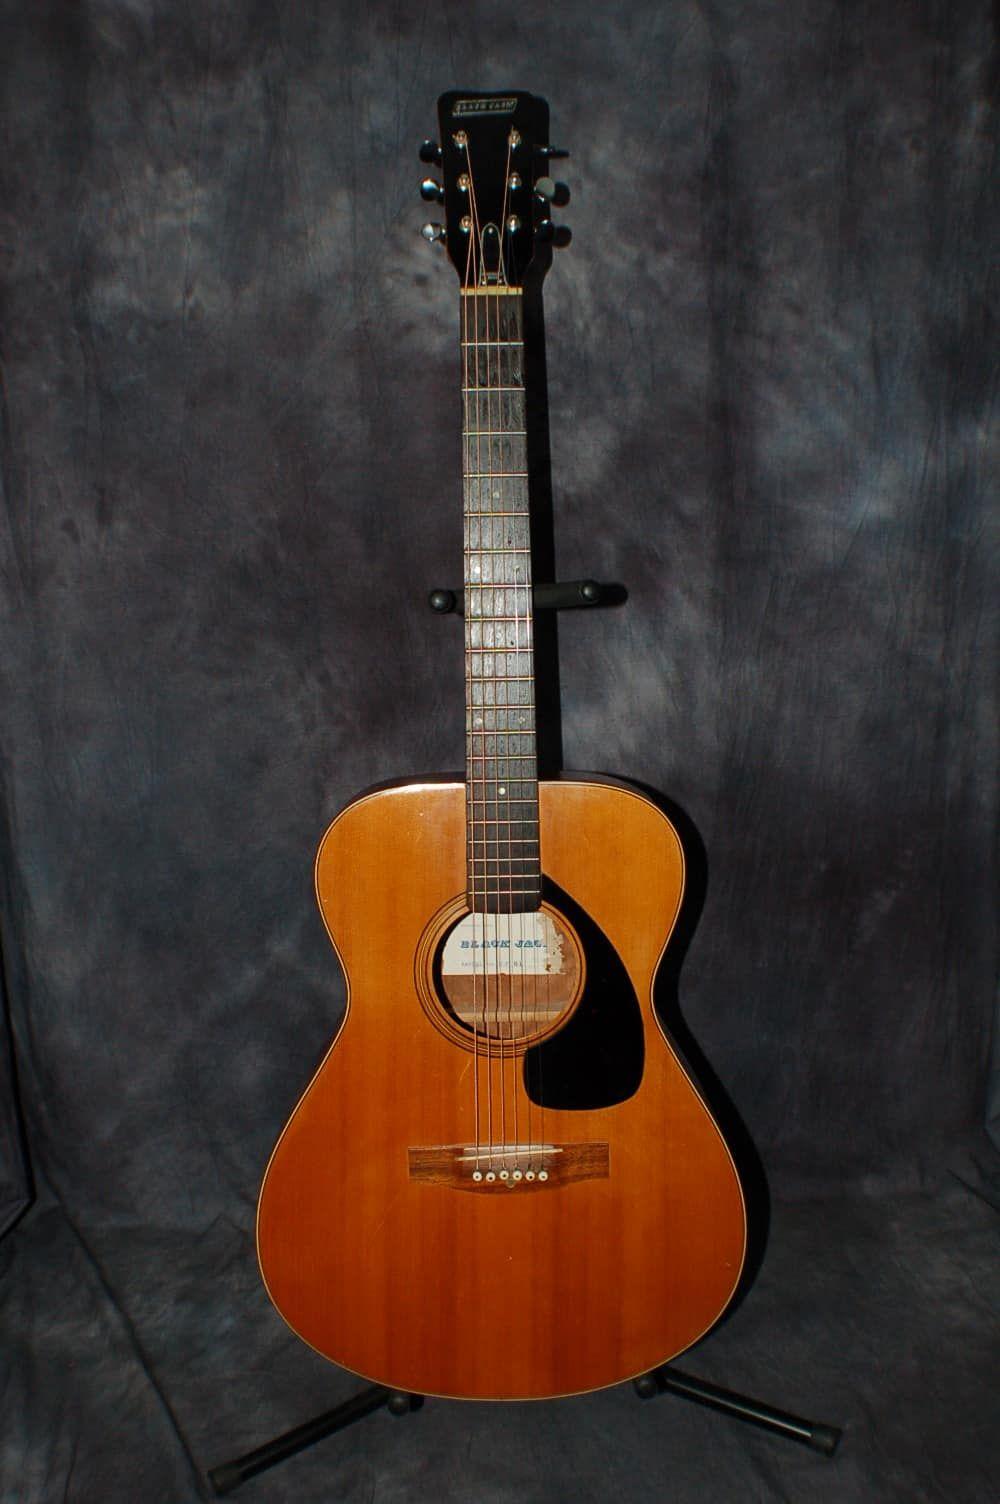 1967 Black Jack Model Hf 61 Acoustic Guitar Japan Matsomoku New Strings Lawman Guitars Reverb Vintage Guitars Guitar Cool Guitar